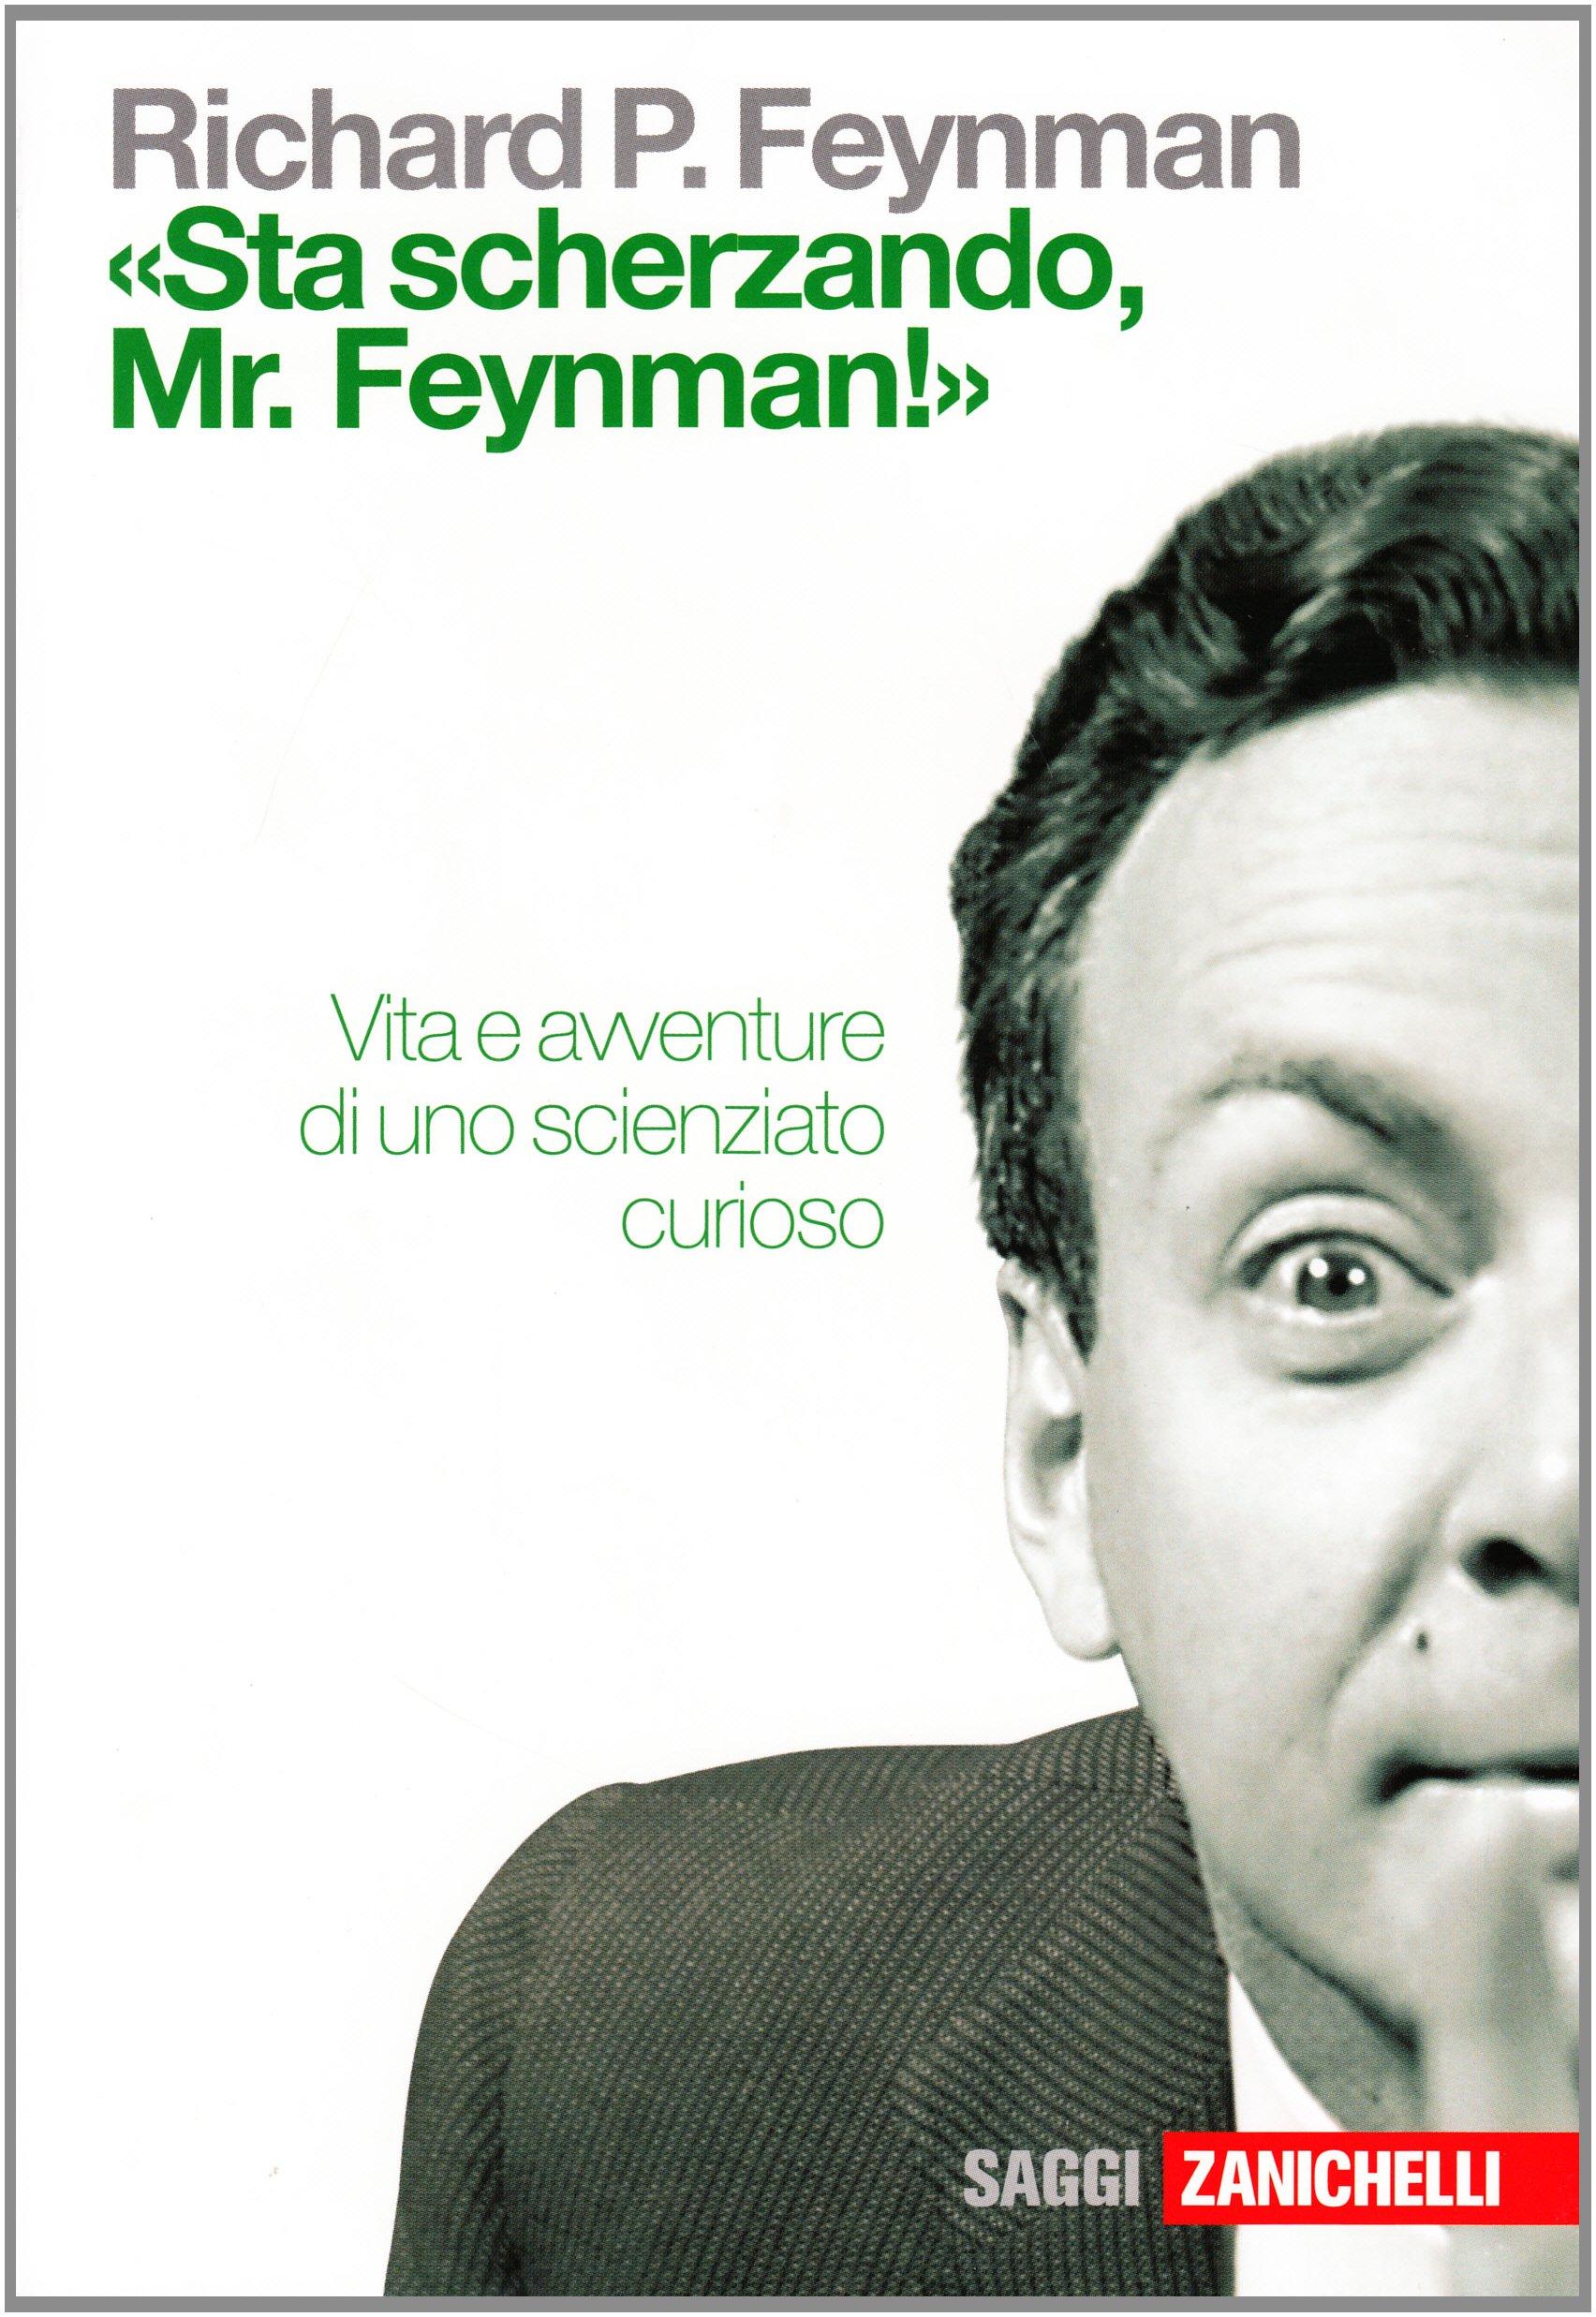 «Sta scherzando, Mr. Feynman!» Vita e avventure di uno scienziato curioso di Richard P. Feynman